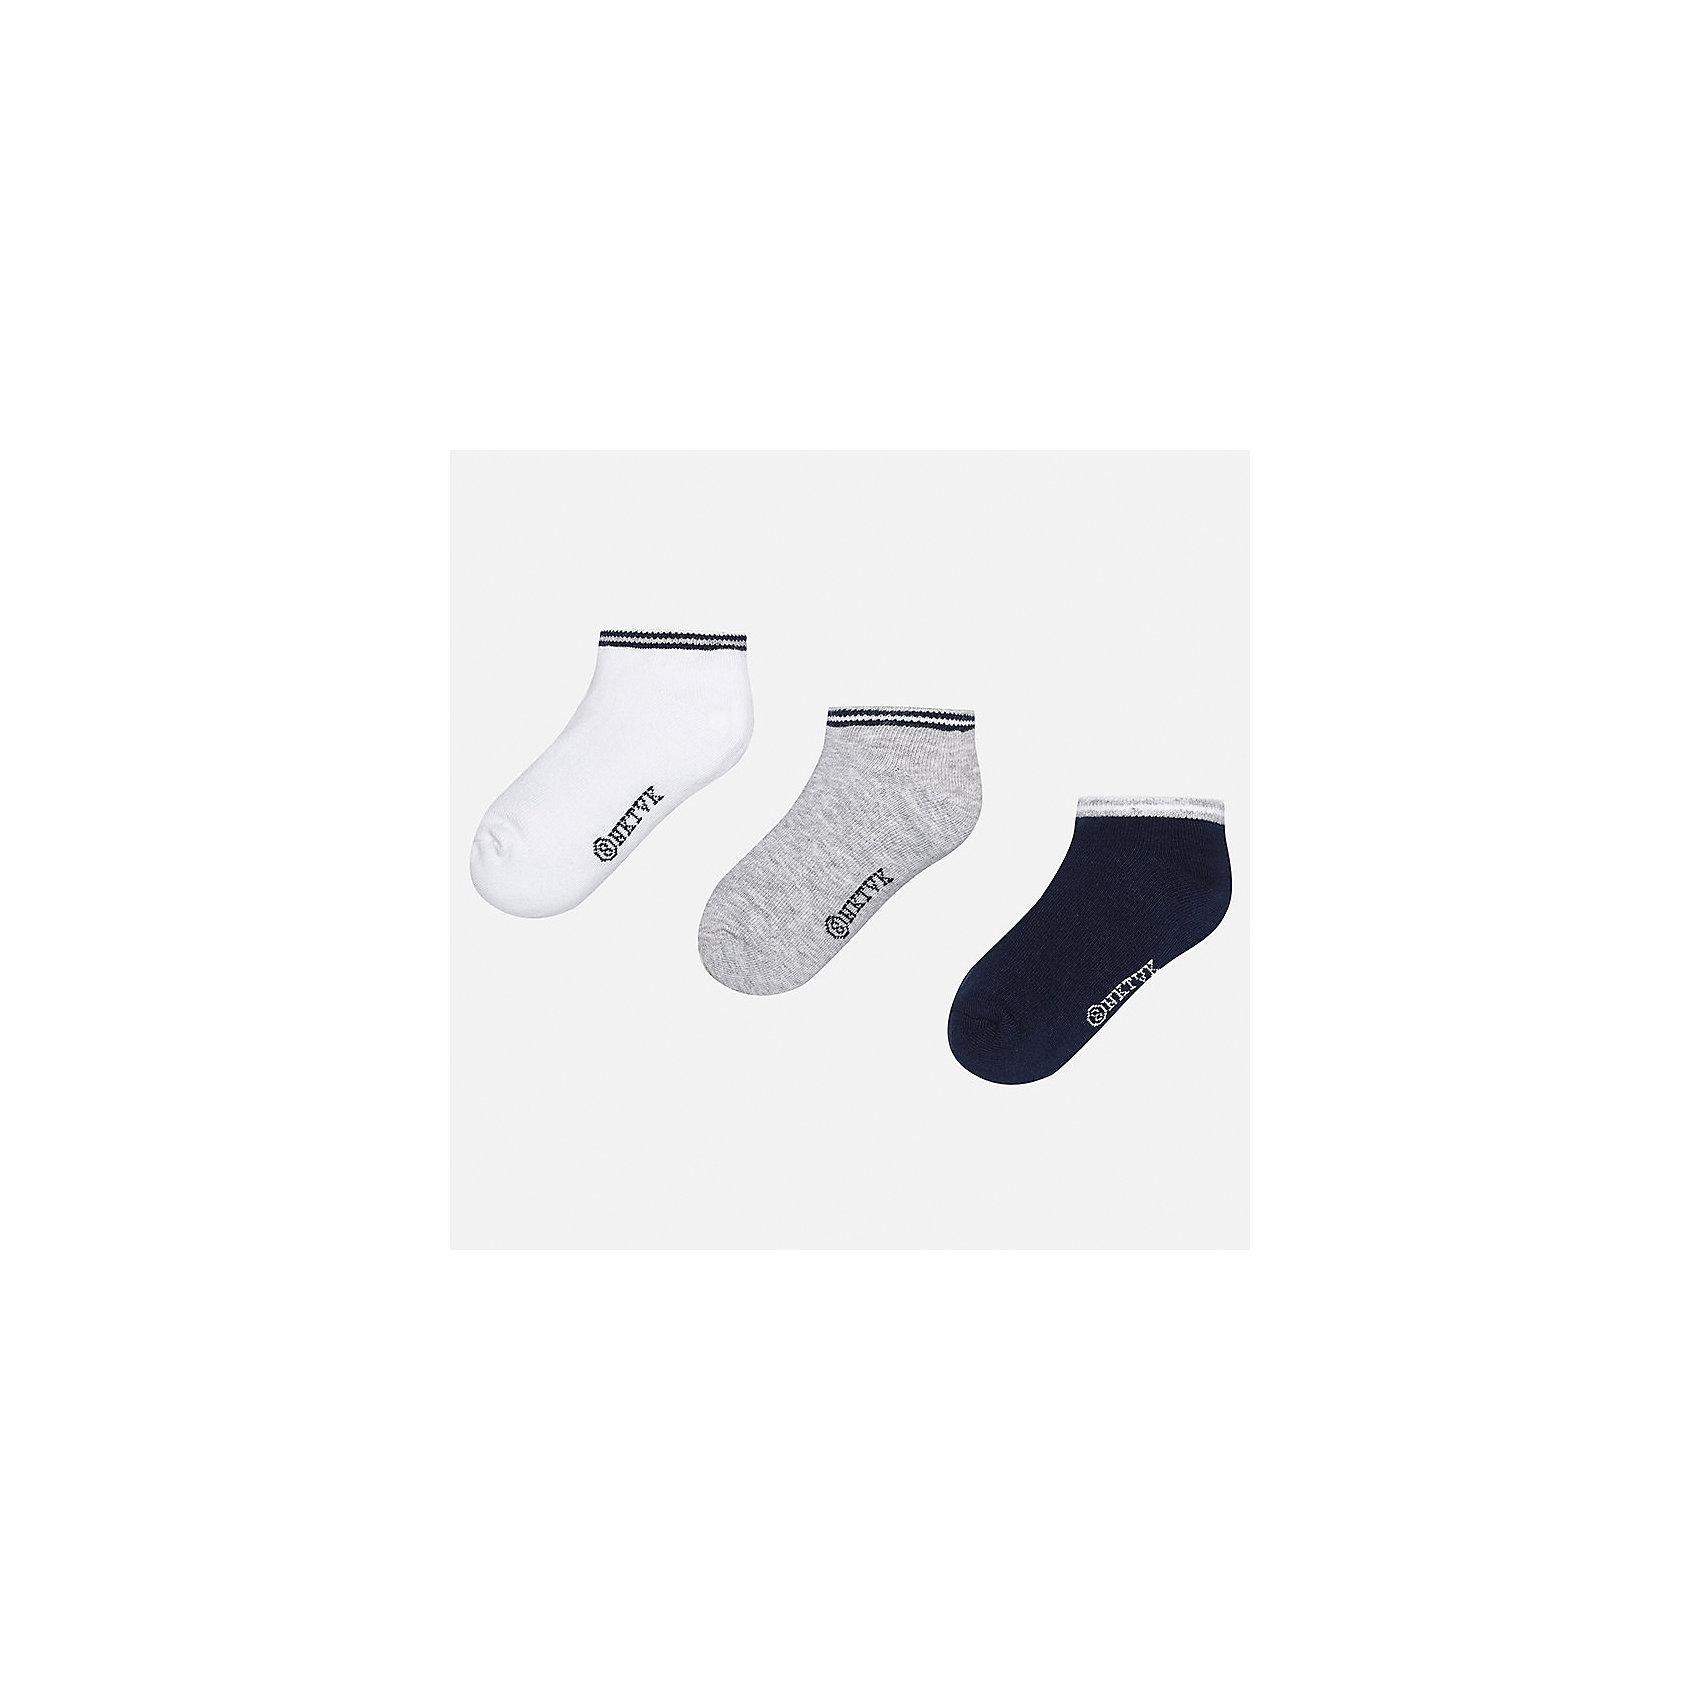 Носки (3 пары) для мальчика MayoralХарактеристики товара:<br><br>• цвет: белый/серый/синий<br>• состав: 72% хлопок, 25% полиамид, 3% эластан<br>• комплектация: три пары<br>• мягкая резинка<br>• эластичный материал<br>• однотонные<br>• страна бренда: Испания<br><br>Удобные симпатичные носки для мальчика помогут обеспечить ребенку комфорт и дополнить наряд. Универсальный цвет позволяет надевать их под обувь разных расцветок. Носки удобно сидят на ноге и аккуратно смотрятся. Этот комплект - практичный и красивый! В составе материала - натуральный хлопок, гипоаллергенный, приятный на ощупь, дышащий. <br><br>Одежда, обувь и аксессуары от испанского бренда Mayoral полюбились детям и взрослым по всему миру. Модели этой марки - стильные и удобные. Для их производства используются только безопасные, качественные материалы и фурнитура. Порадуйте ребенка модными и красивыми вещами от Mayoral! <br><br>Носки (3 пары) для мальчика от испанского бренда Mayoral (Майорал) можно купить в нашем интернет-магазине.<br><br>Ширина мм: 87<br>Глубина мм: 10<br>Высота мм: 105<br>Вес г: 115<br>Цвет: серый<br>Возраст от месяцев: 72<br>Возраст до месяцев: 96<br>Пол: Мужской<br>Возраст: Детский<br>Размер: 8,14,16,12,10<br>SKU: 5282121